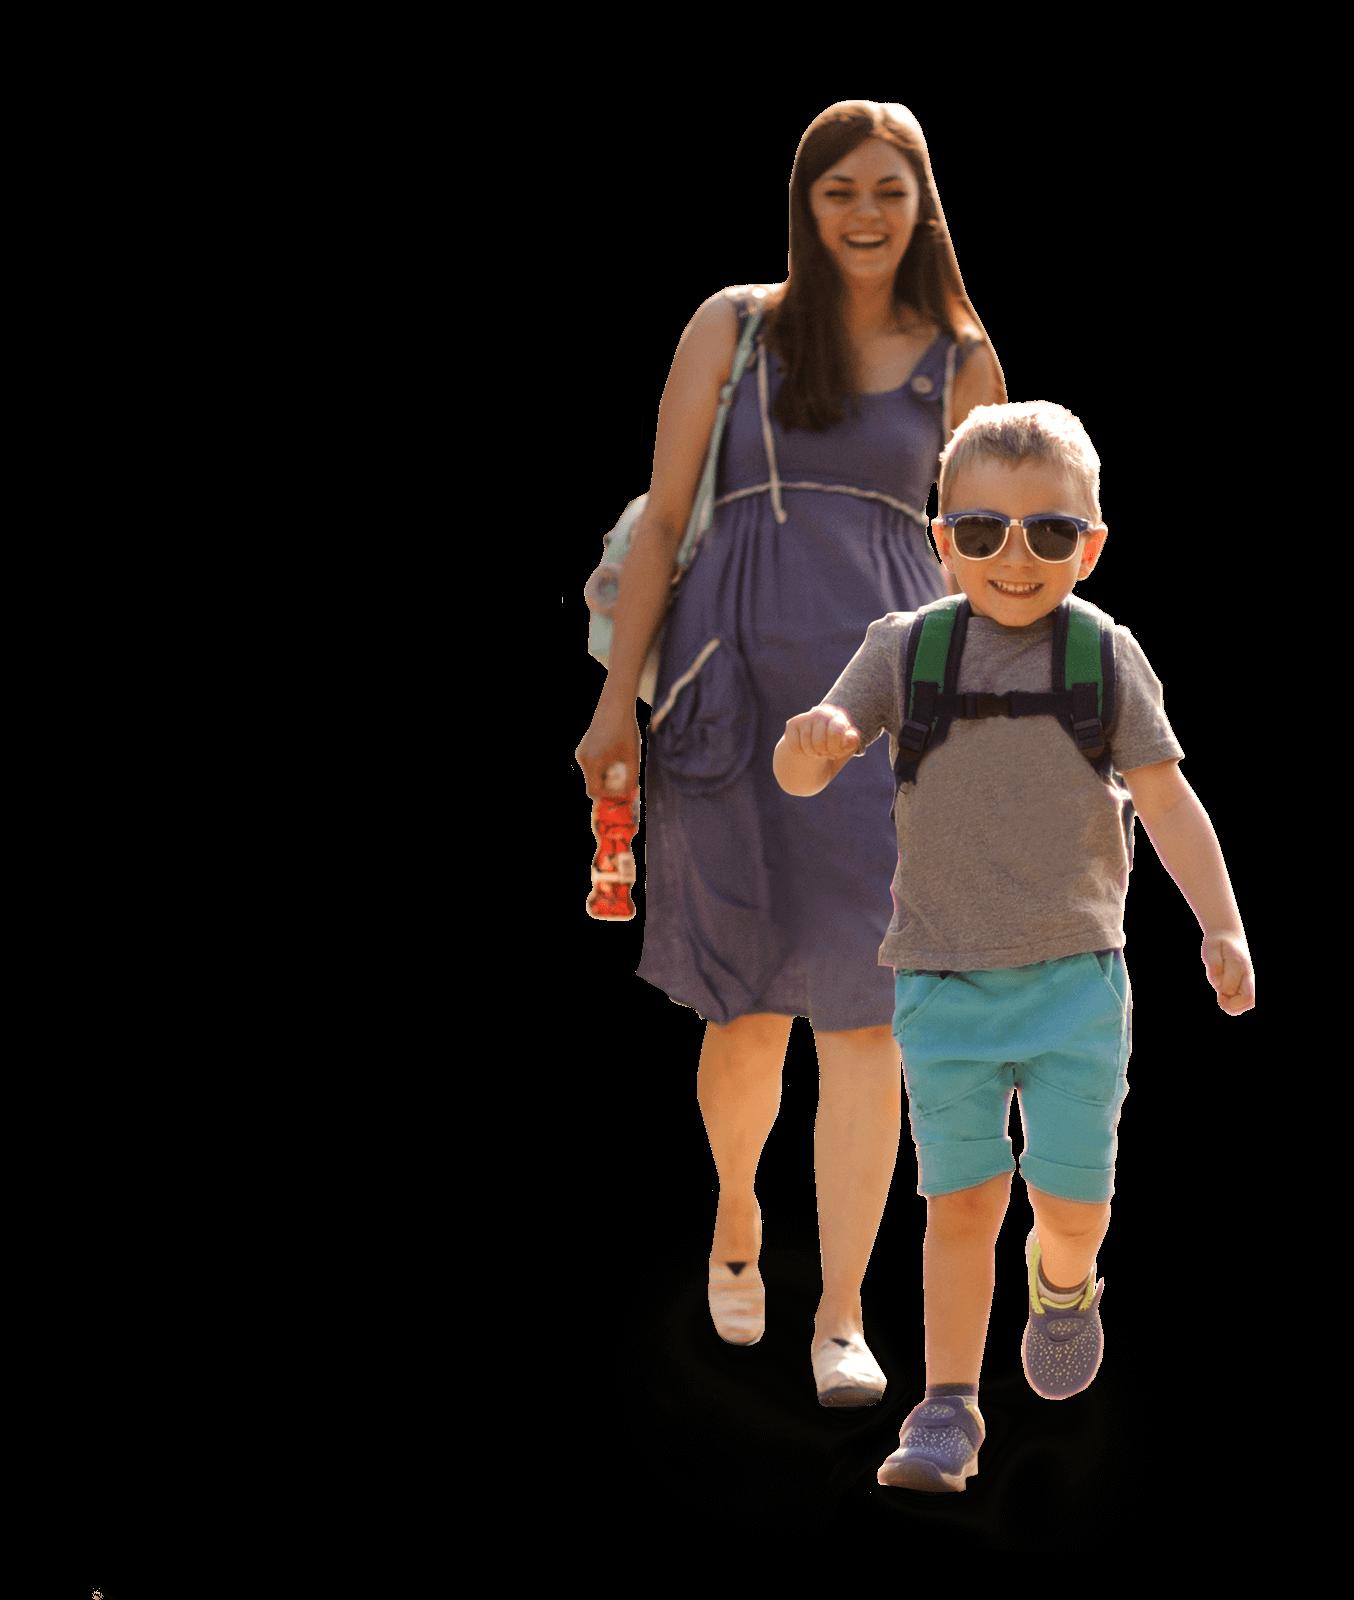 Fröhliches Kita-Kind auf Ausflug mit lachender Mutter bei Sonnenschein - Kita-Eingewöhnung kann so viel Spaß machen!